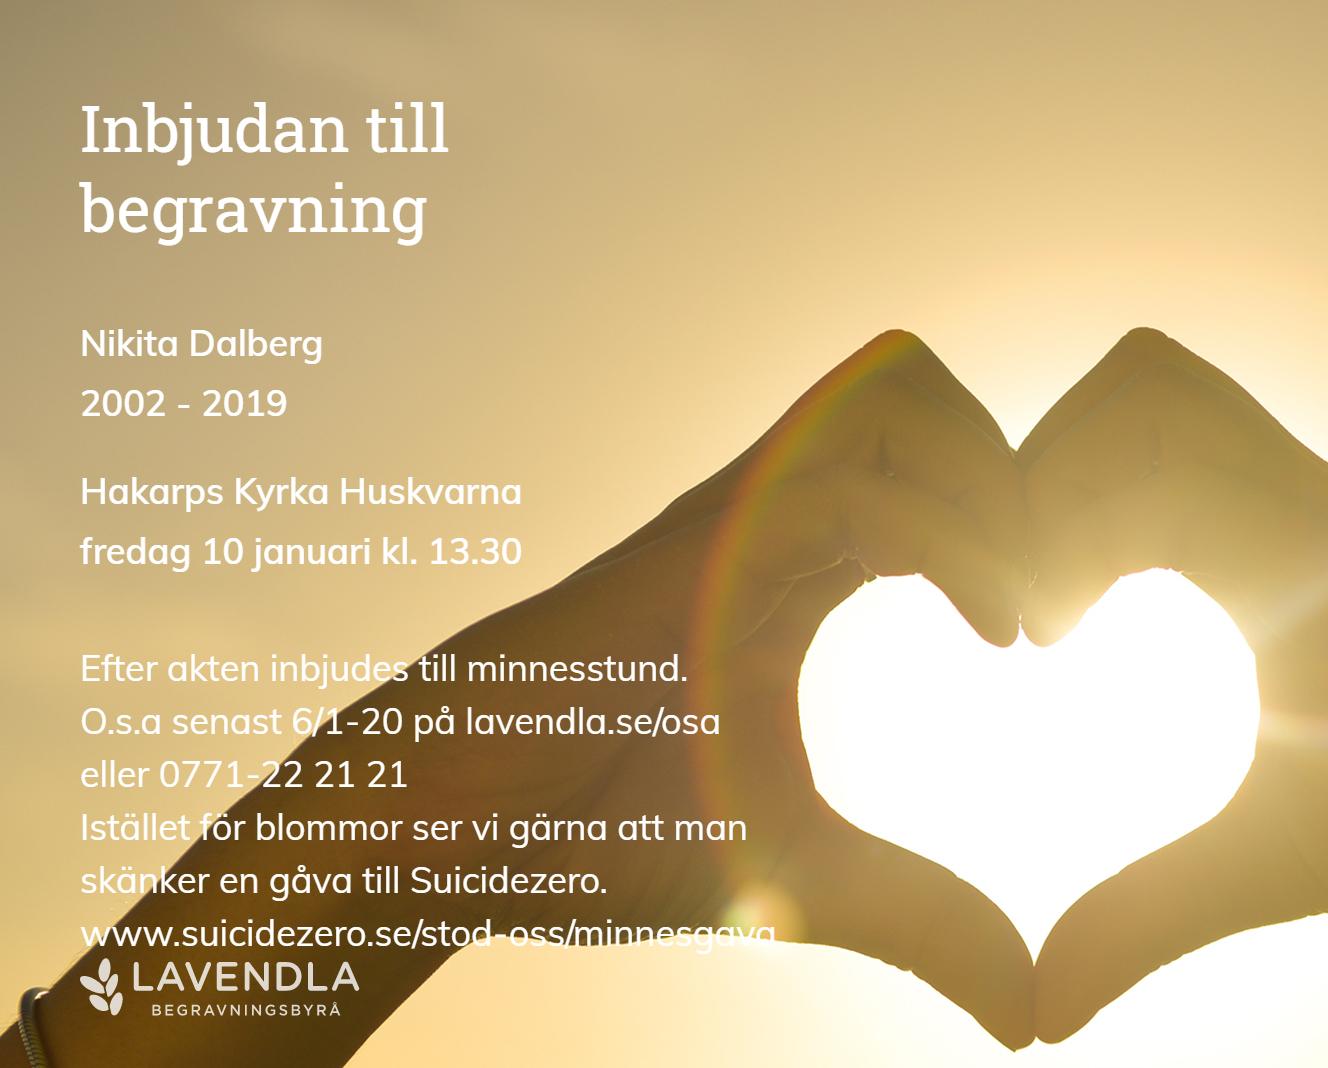 Inbjudningskort till ceremonin för Nikita Dalberg